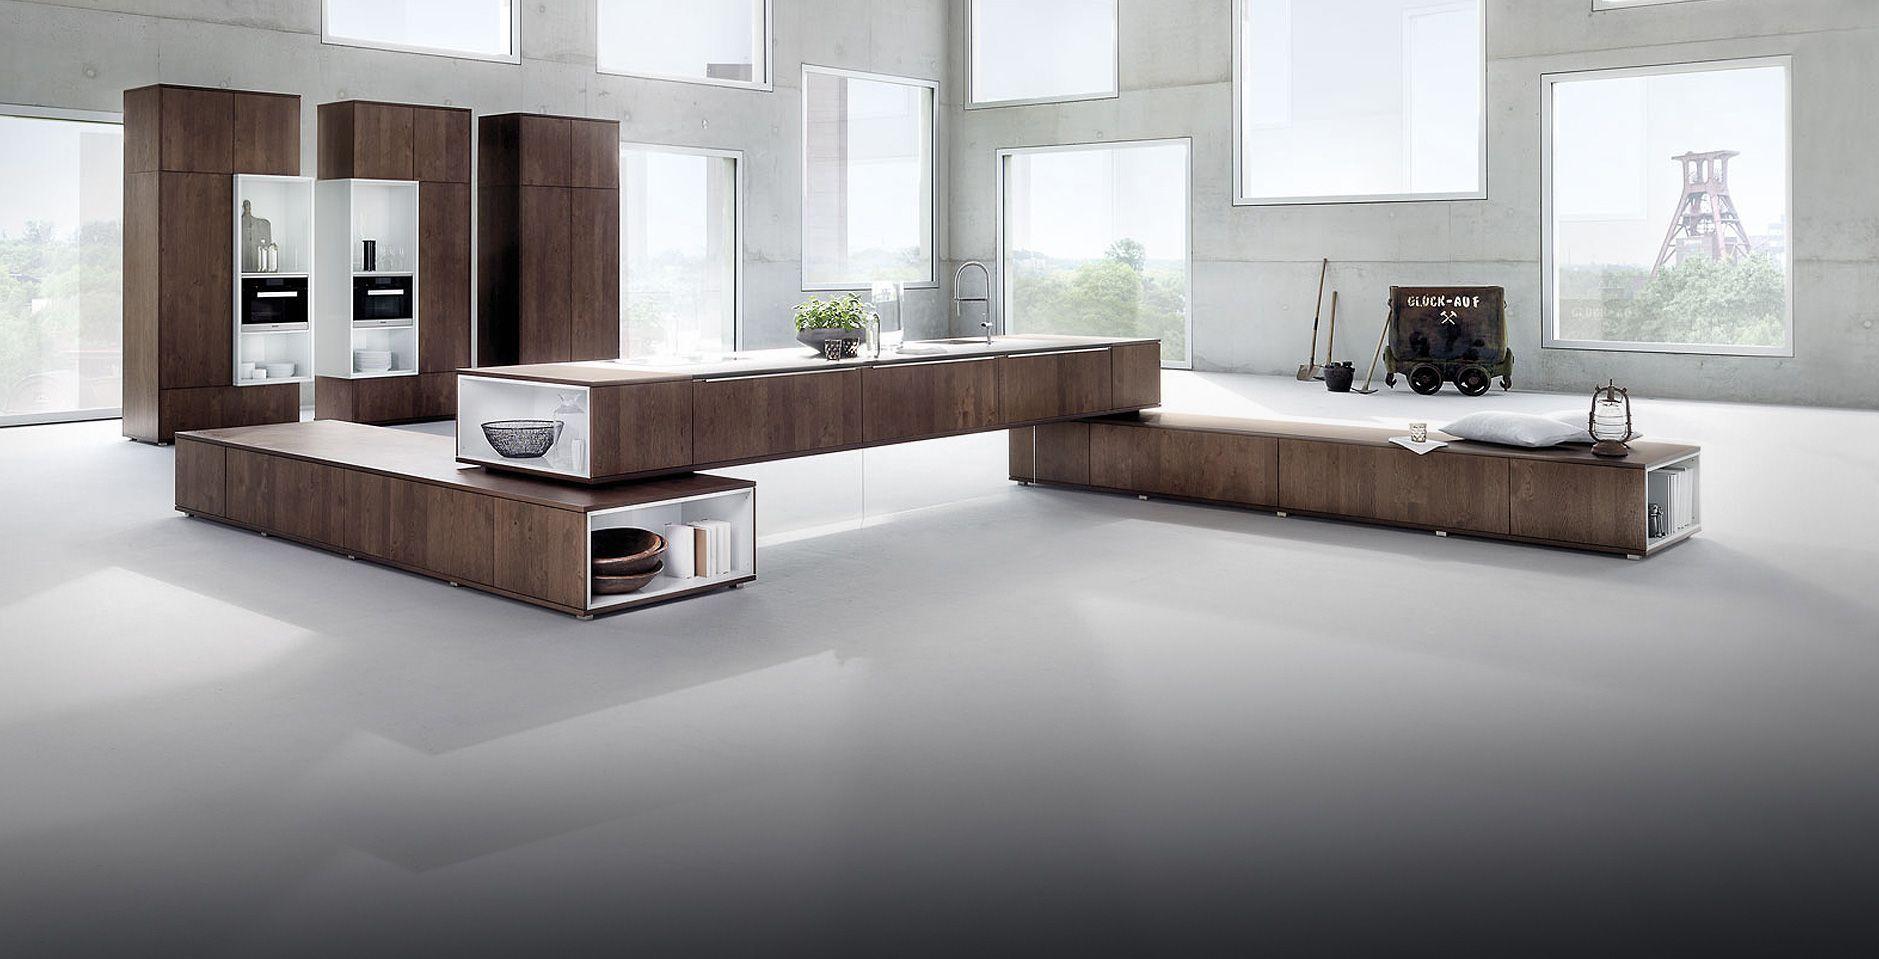 Wohn Küche's featured image